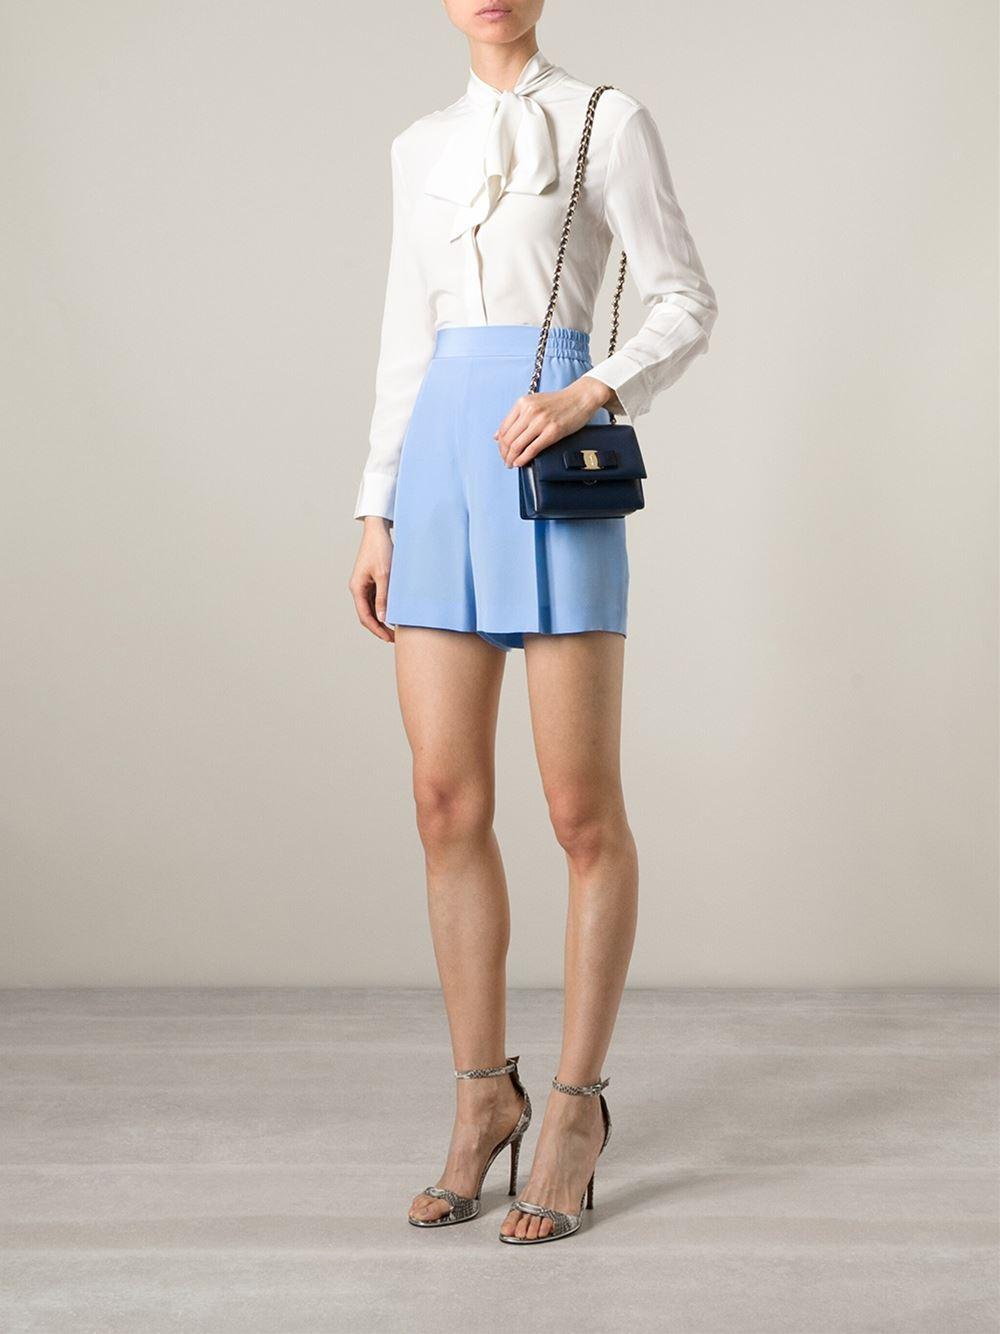 ... buy online 62781 52057 Ferragamo ginny Cross Body Bag in Blue - Lyst ... 2c82e06a69